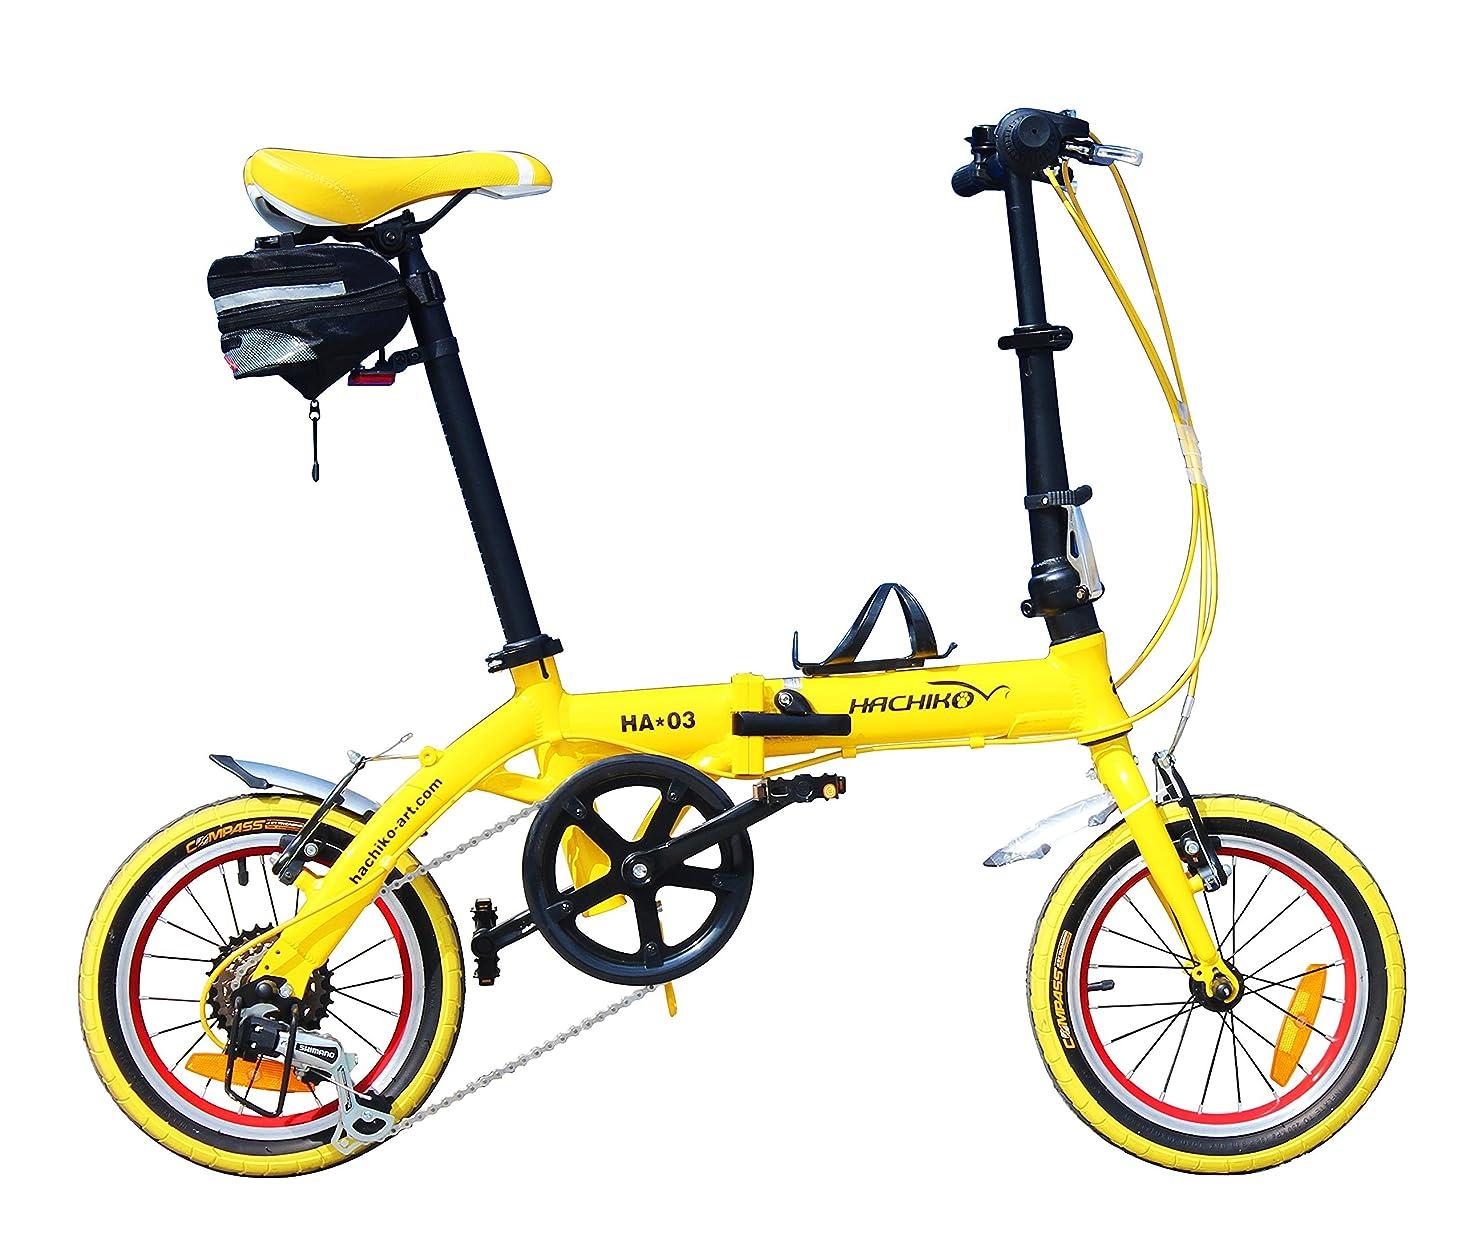 パラダイス気づく置き場HACHIKO ジュラルミン 折りたたみ自転車 SHIMANO シマノ 6段変速 14インチ [98%完成品] HA03